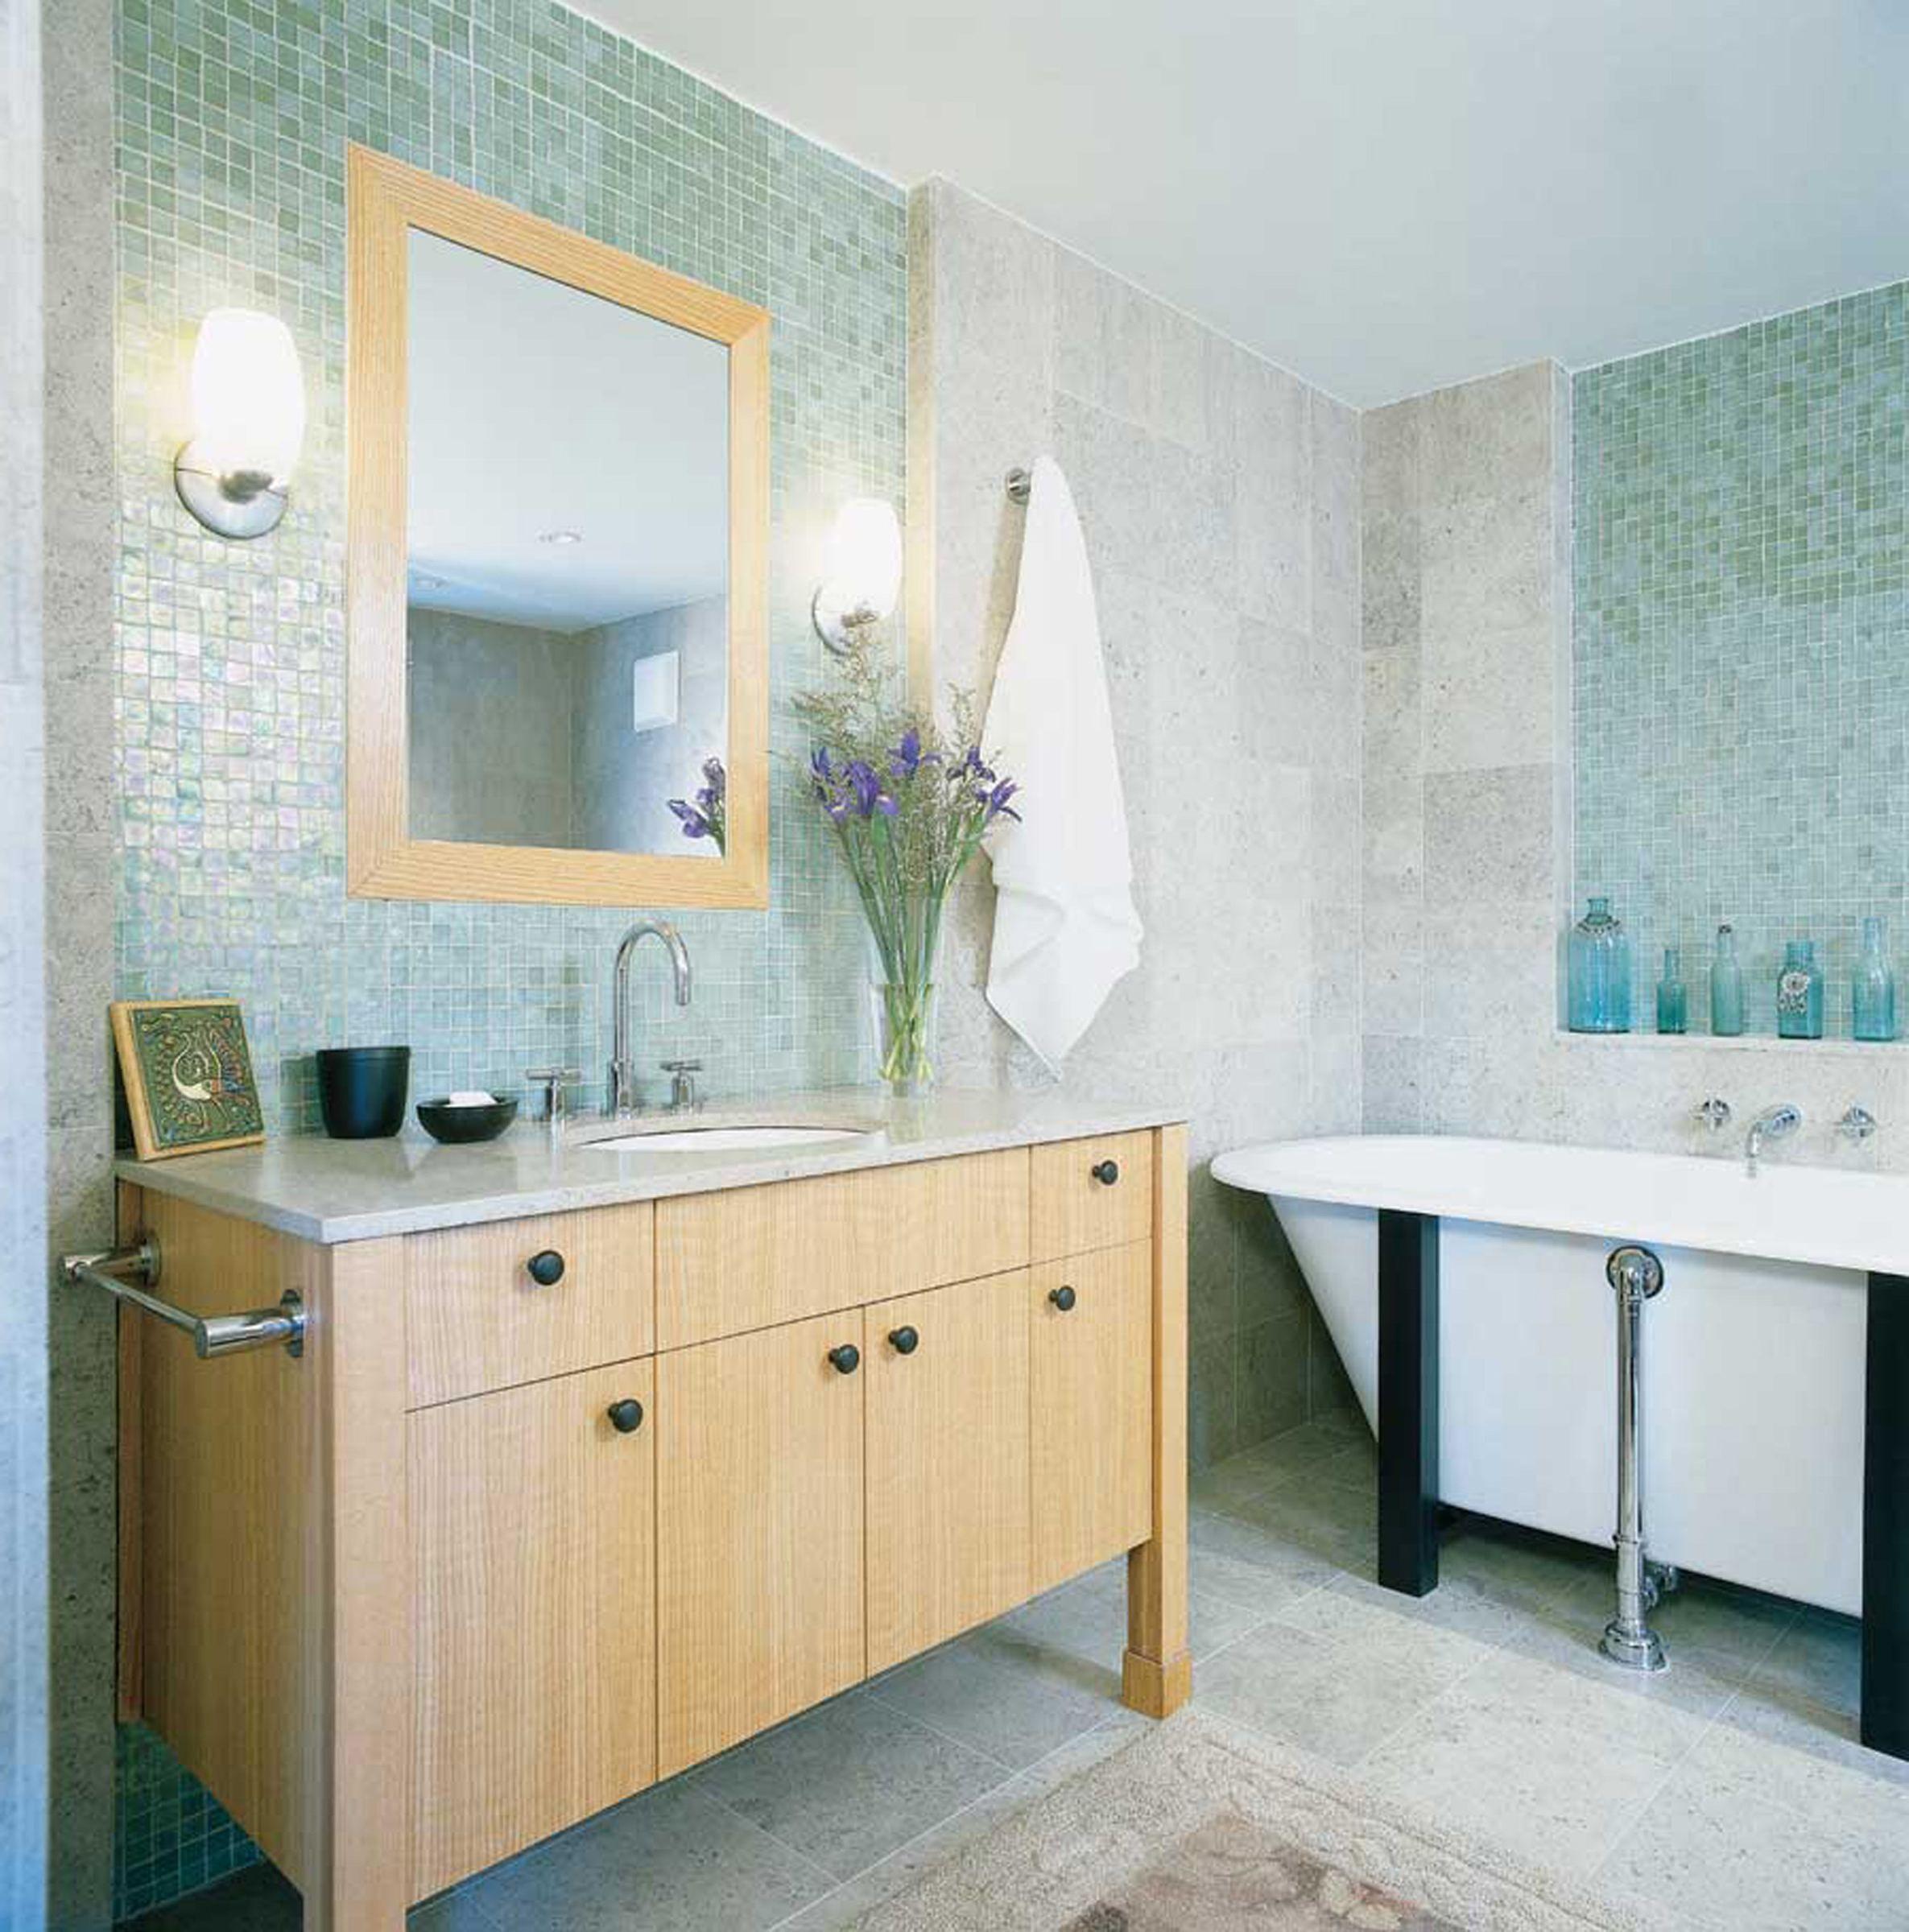 2 waschbecken badezimmer eitelkeiten  gute grüne und braune badezimmer bilder design  mehr auf unserer